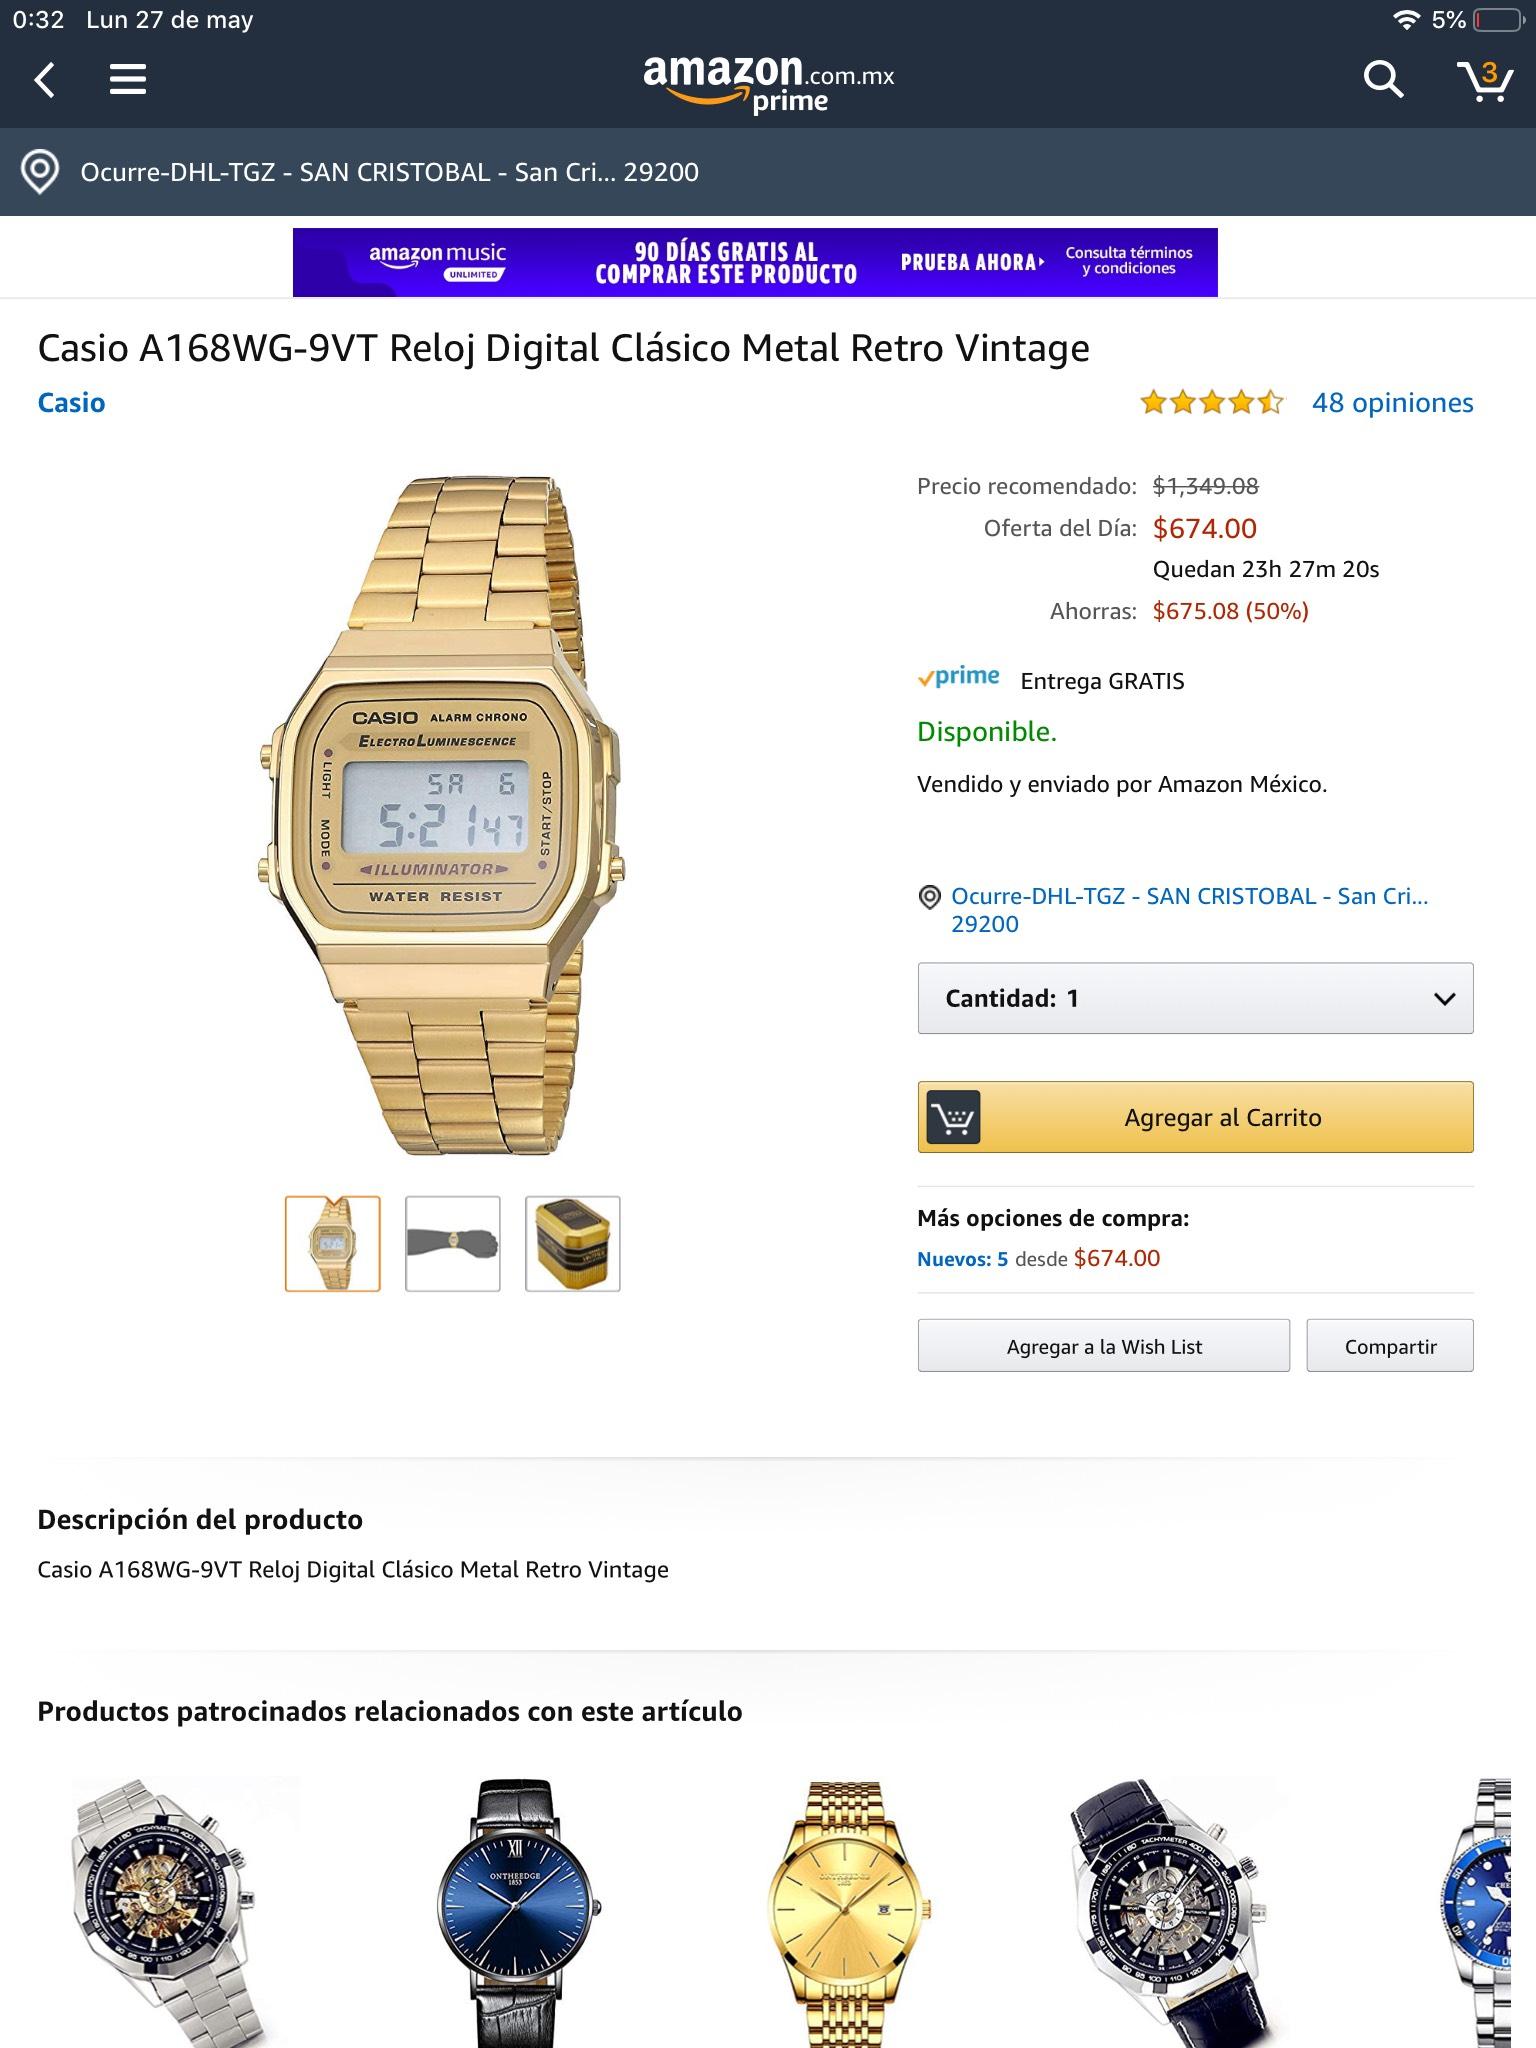 Amazon: Casio A168WG